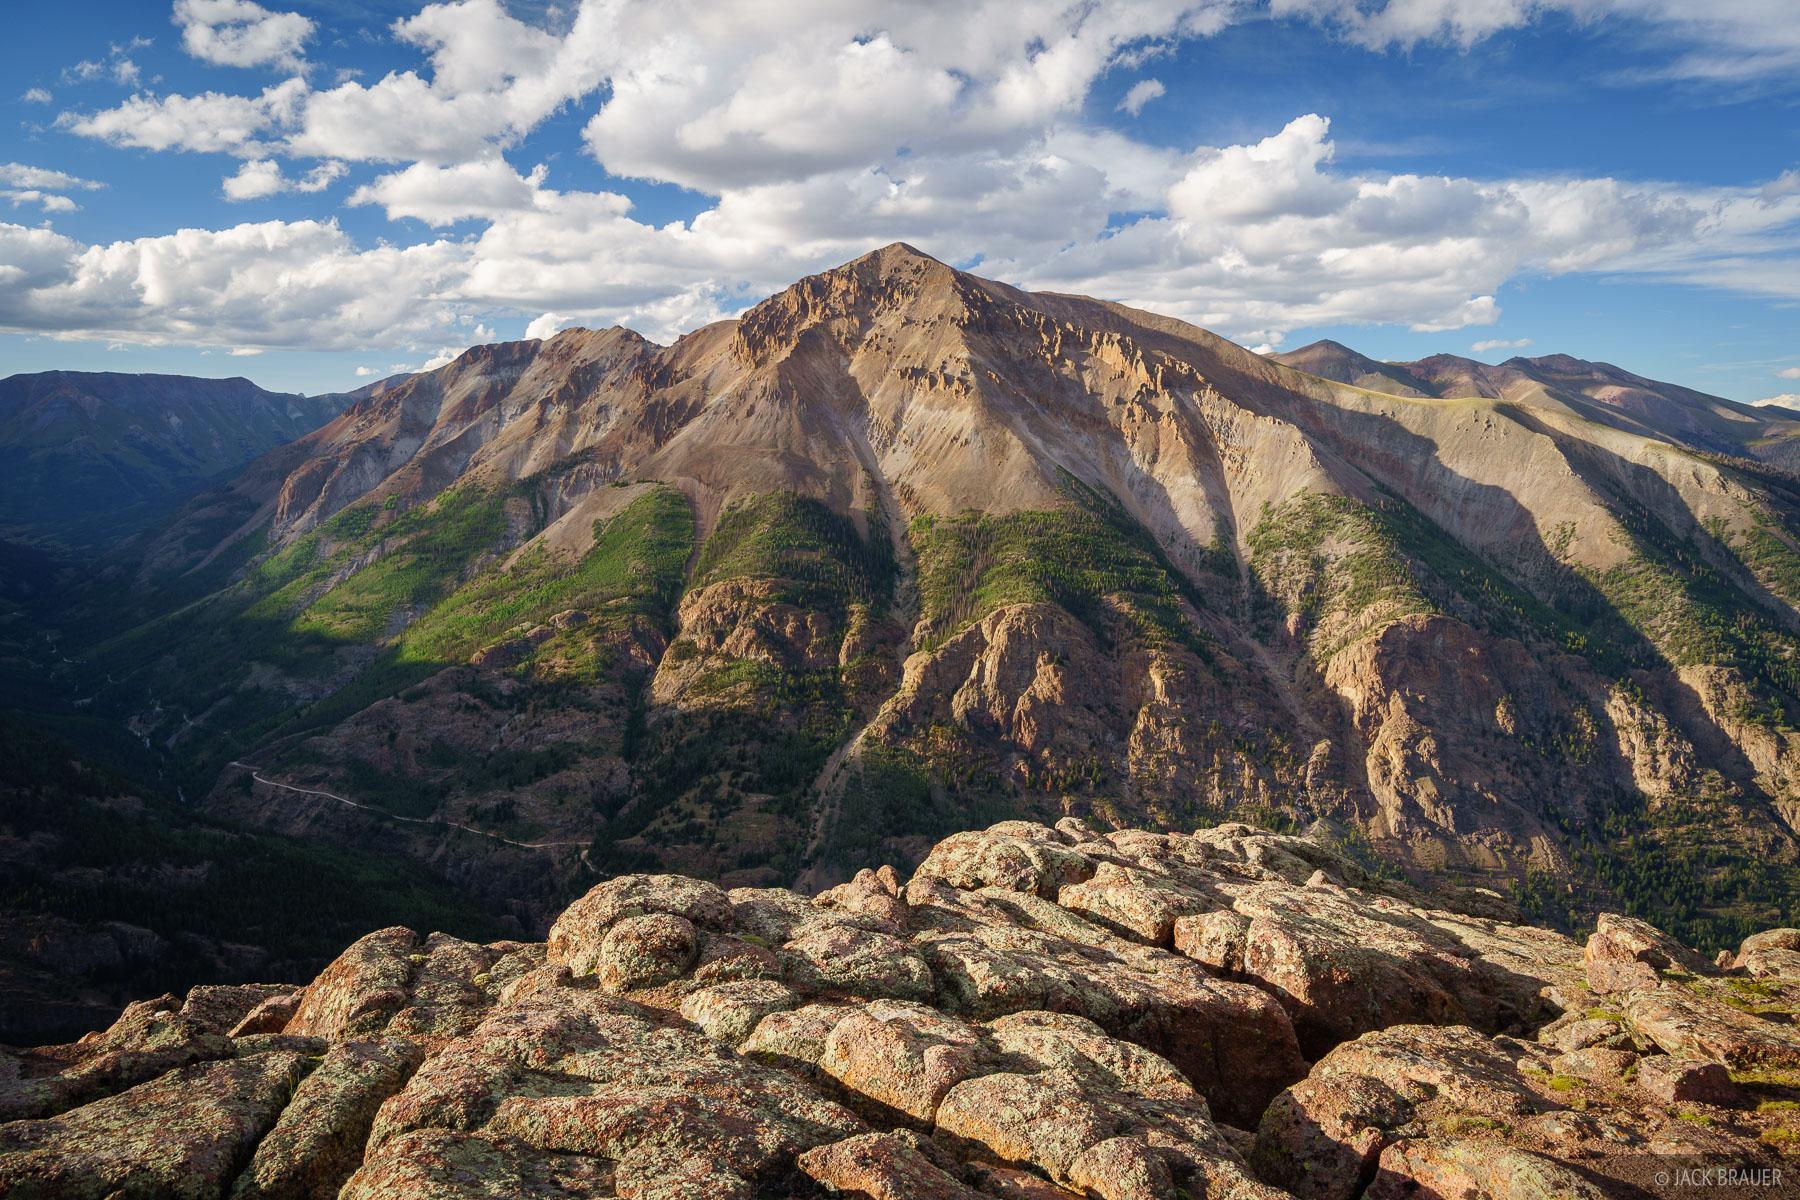 Colorado, San Juan Mountains, Sunshine Peak, 14er, photo